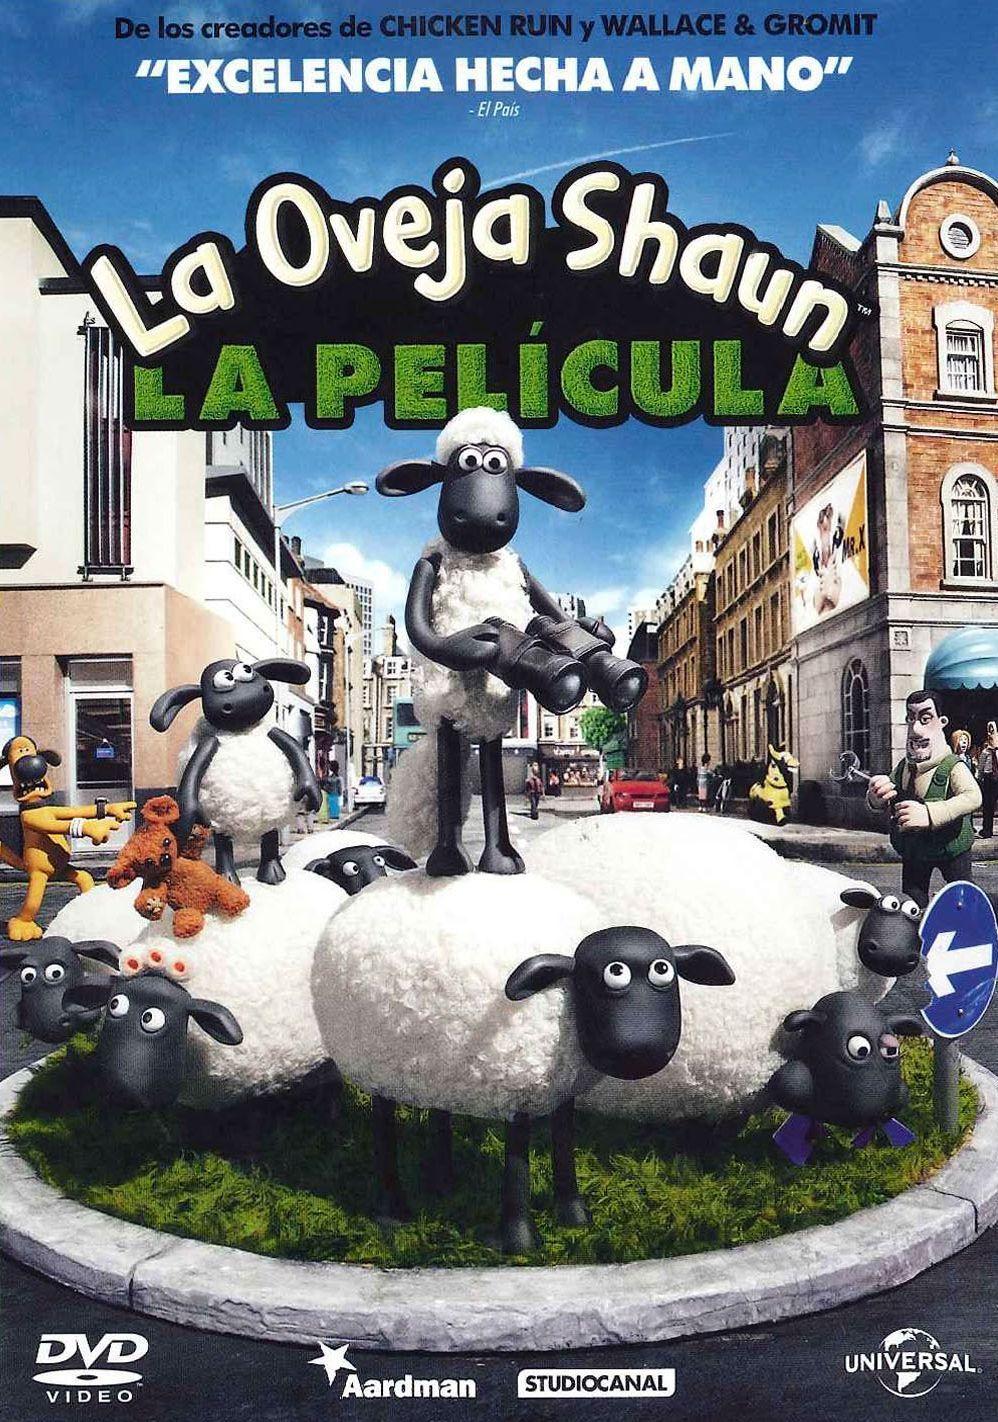 Novembre 2017 La Oveja Shaun La Pelicula Dvd I Vermell Novetats Infantils Oveja Shaun Peliculas Cine Y Peliculas Online